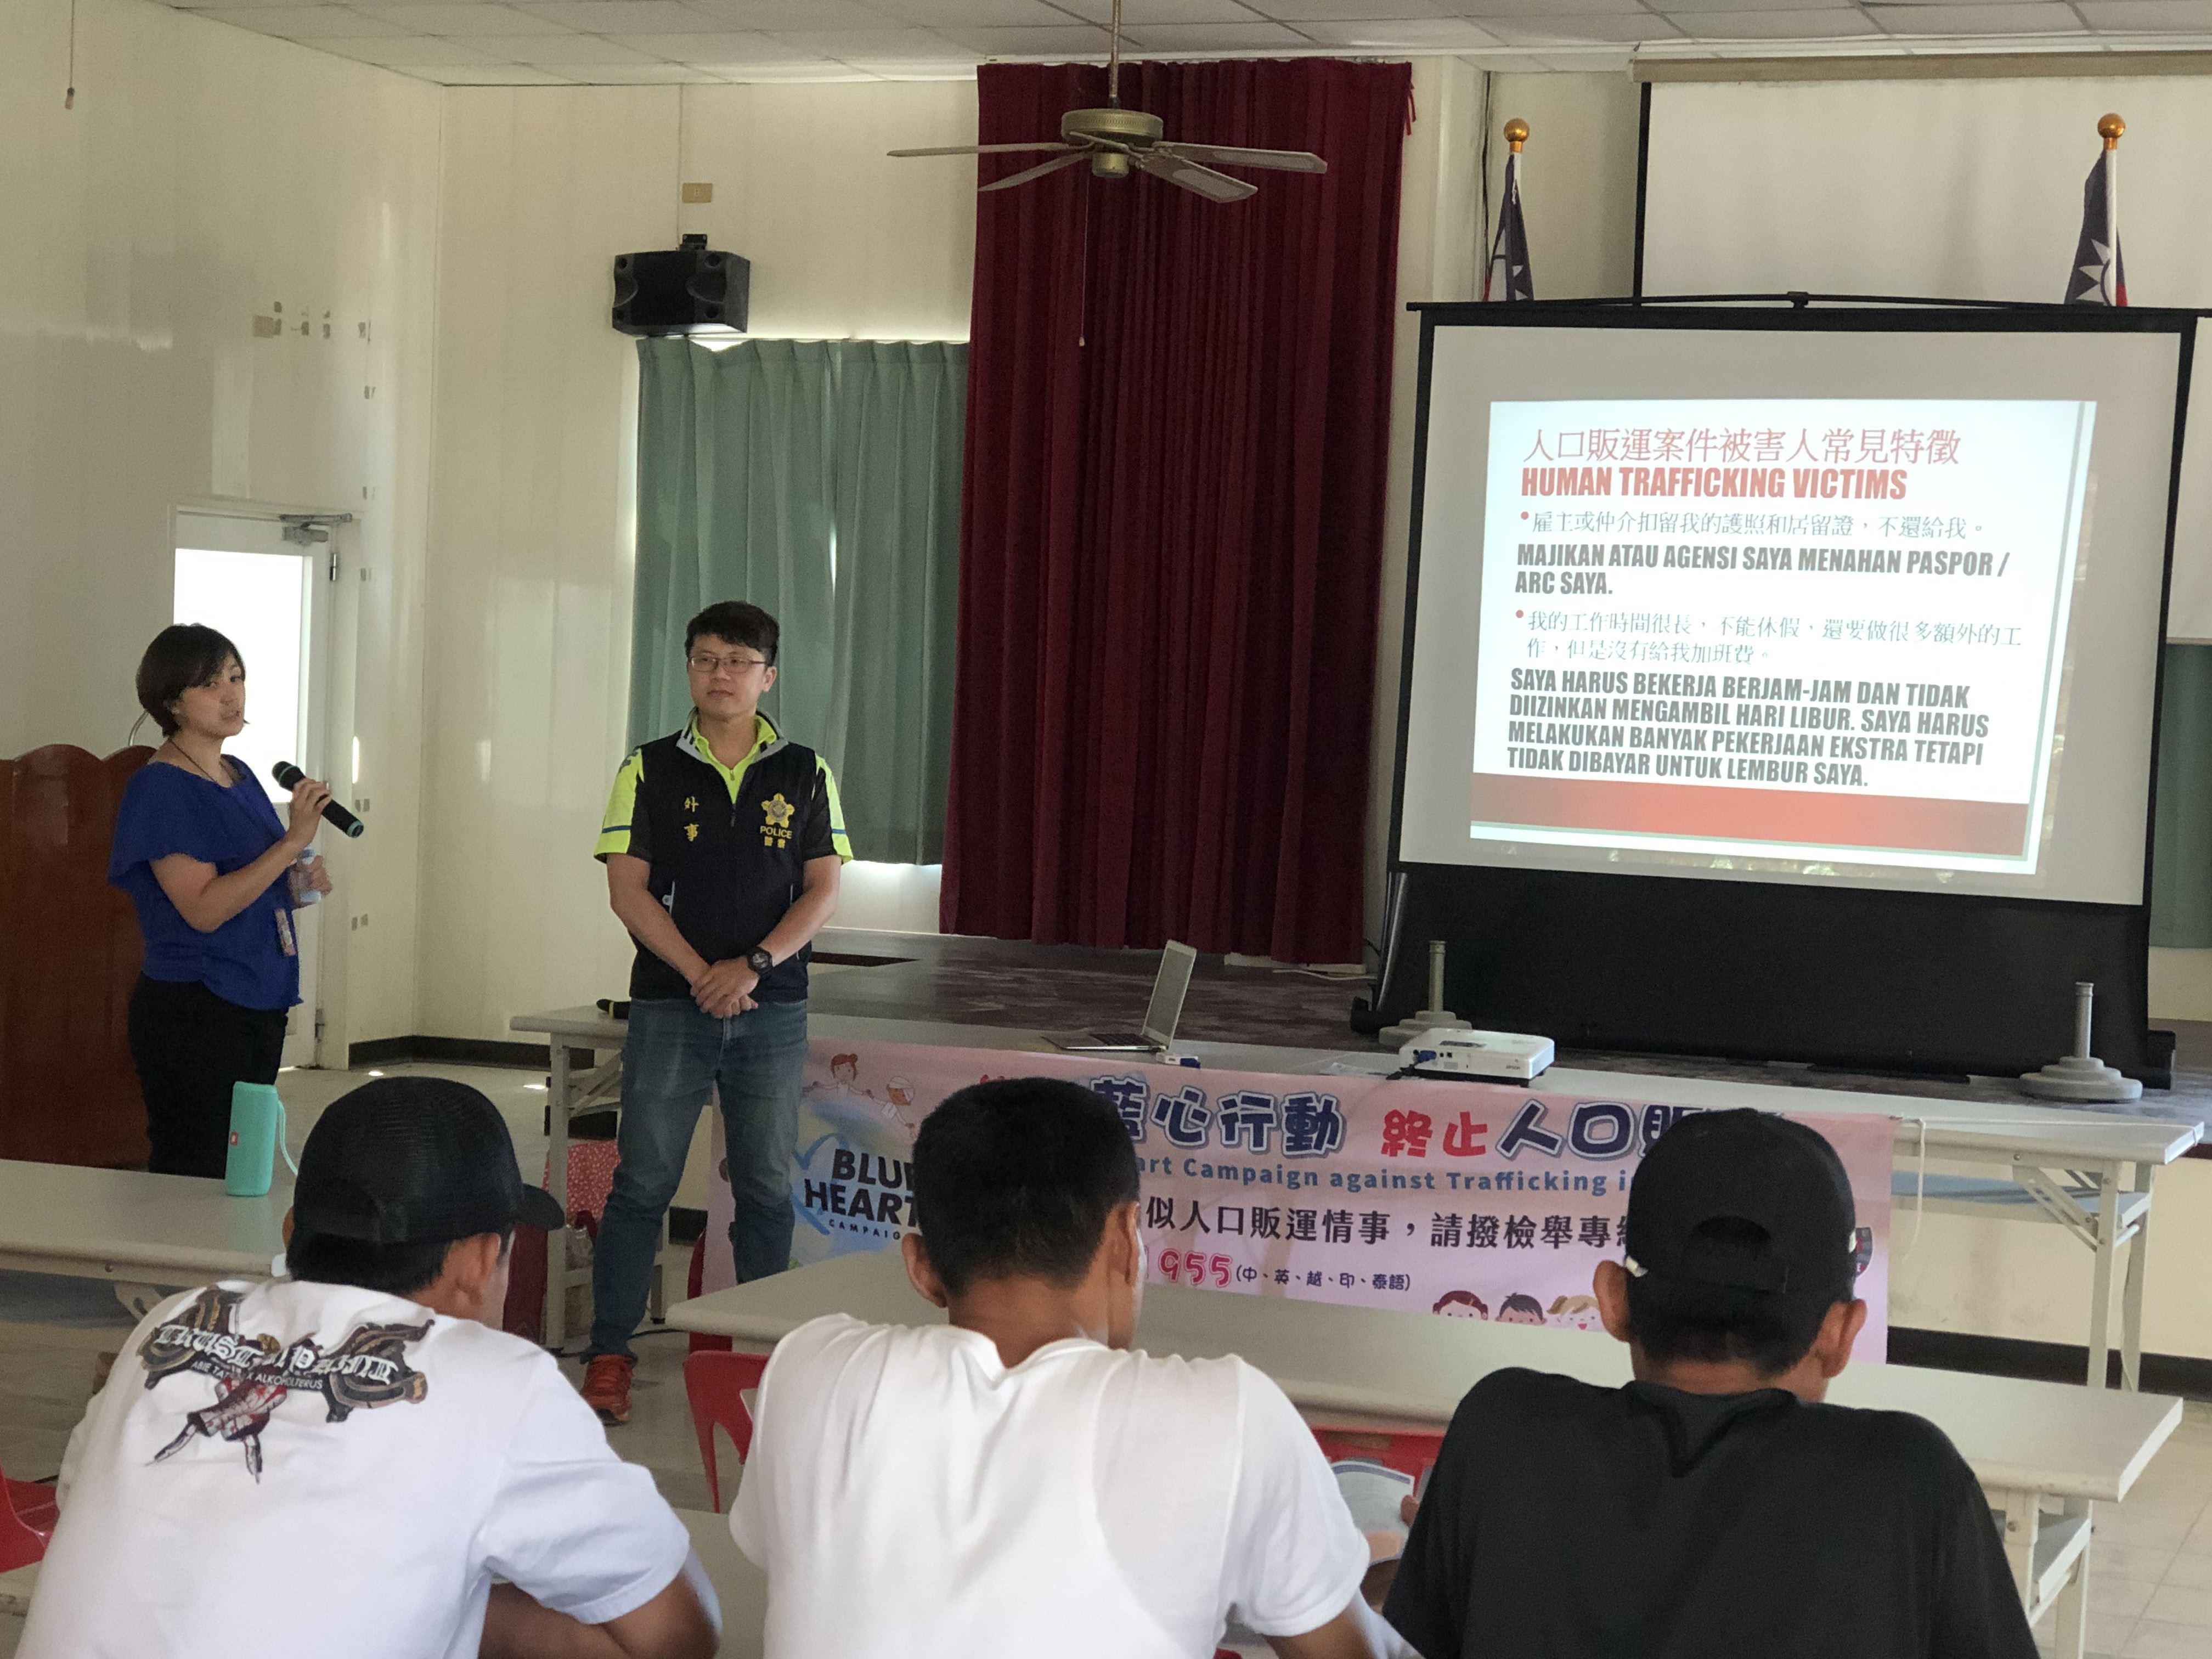 印尼籍漁工響應聯合國藍心行動 一起防制人口販運